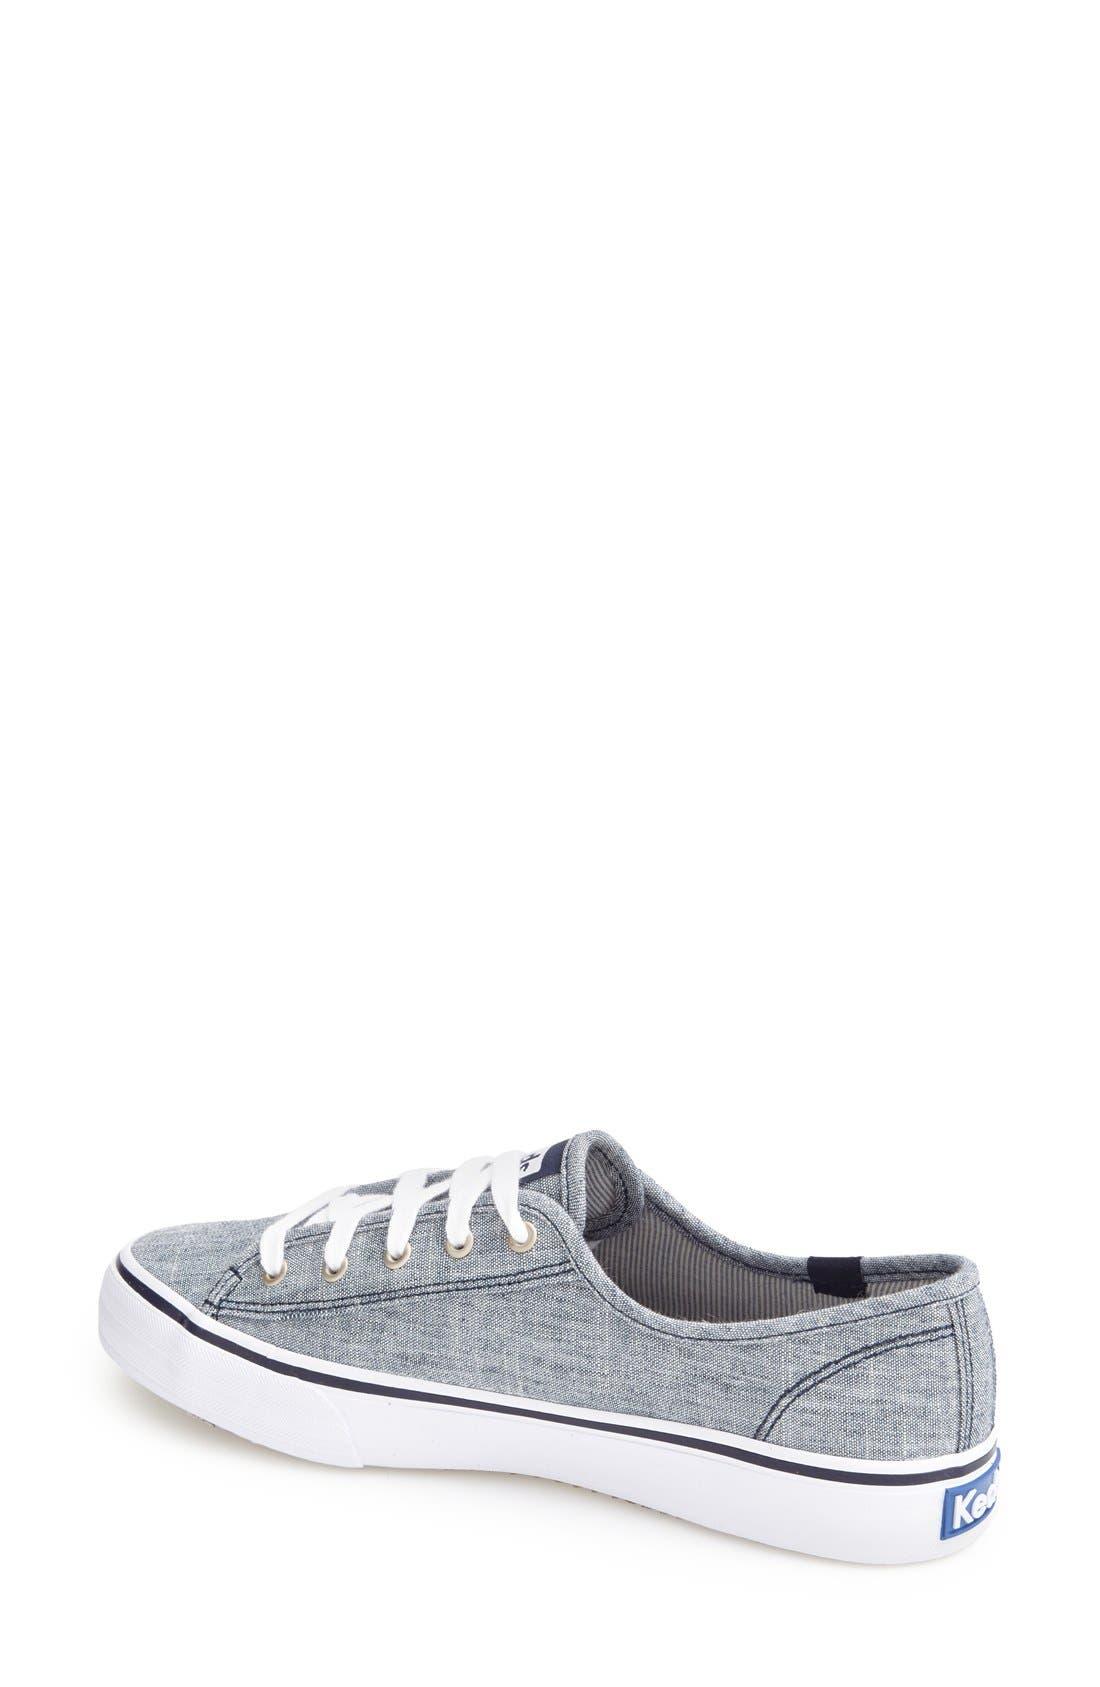 Alternate Image 2  - Keds® 'Double Up - Linen' Sneaker (Women)